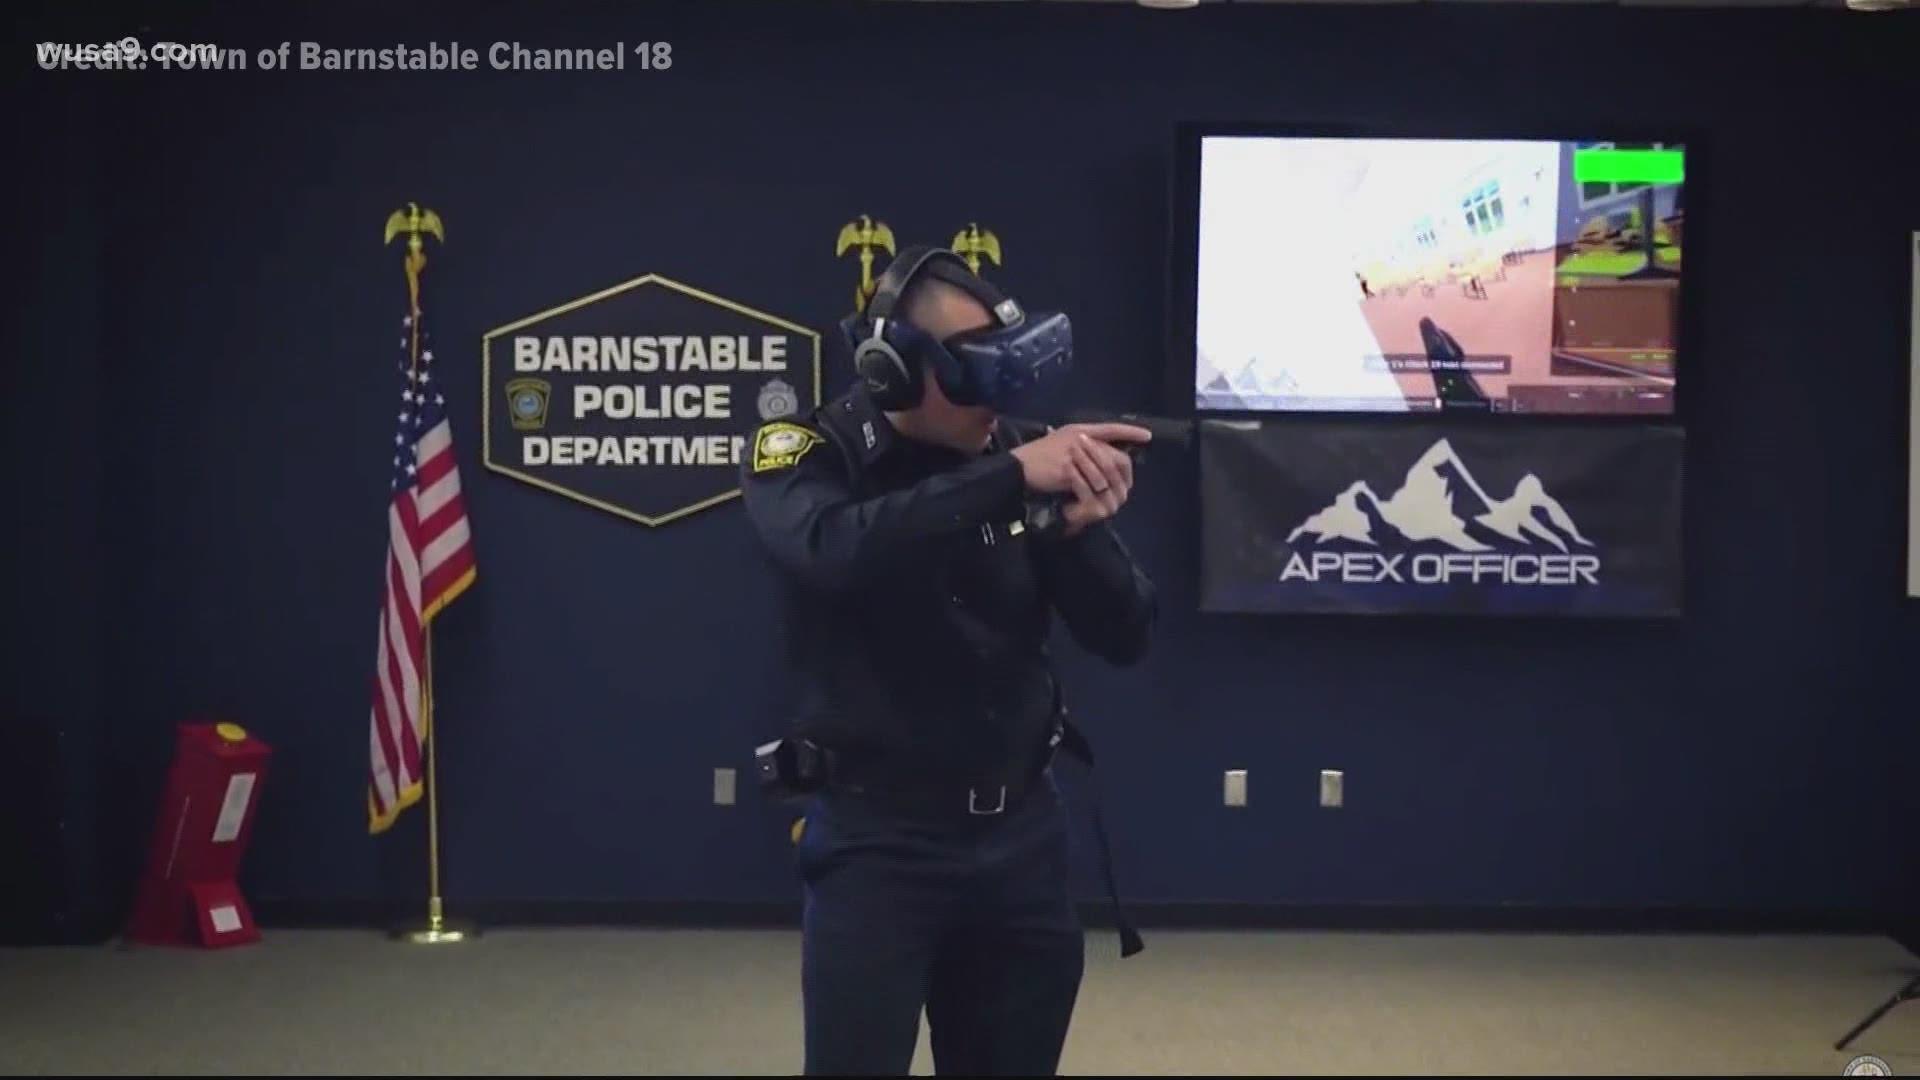 Barnstable Police Officer using Apex Officer VRTraining Simulator